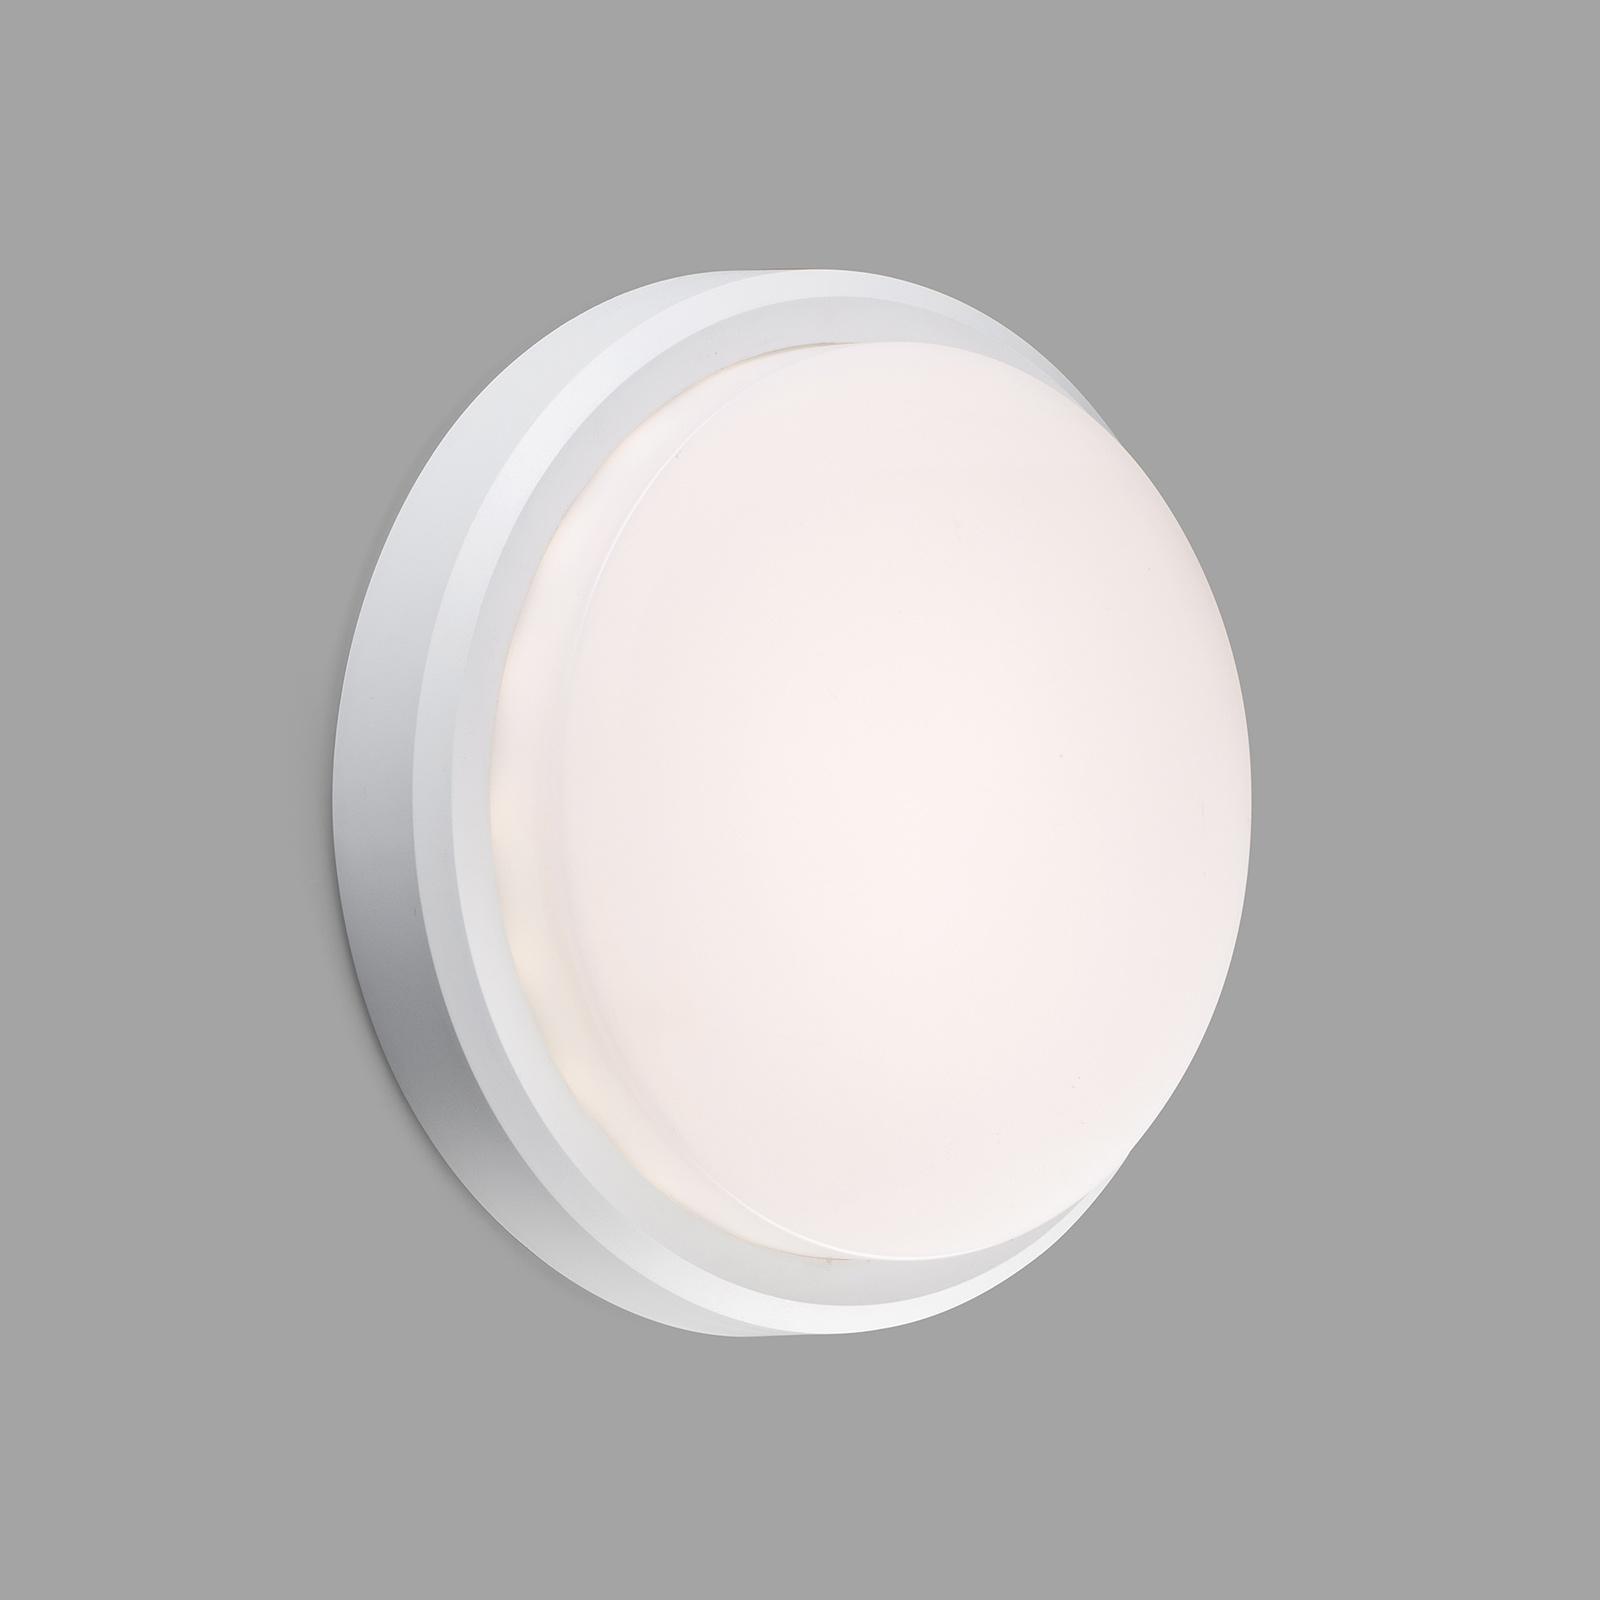 LED-Außenwandleuchte Tom XL, IK10, weiß